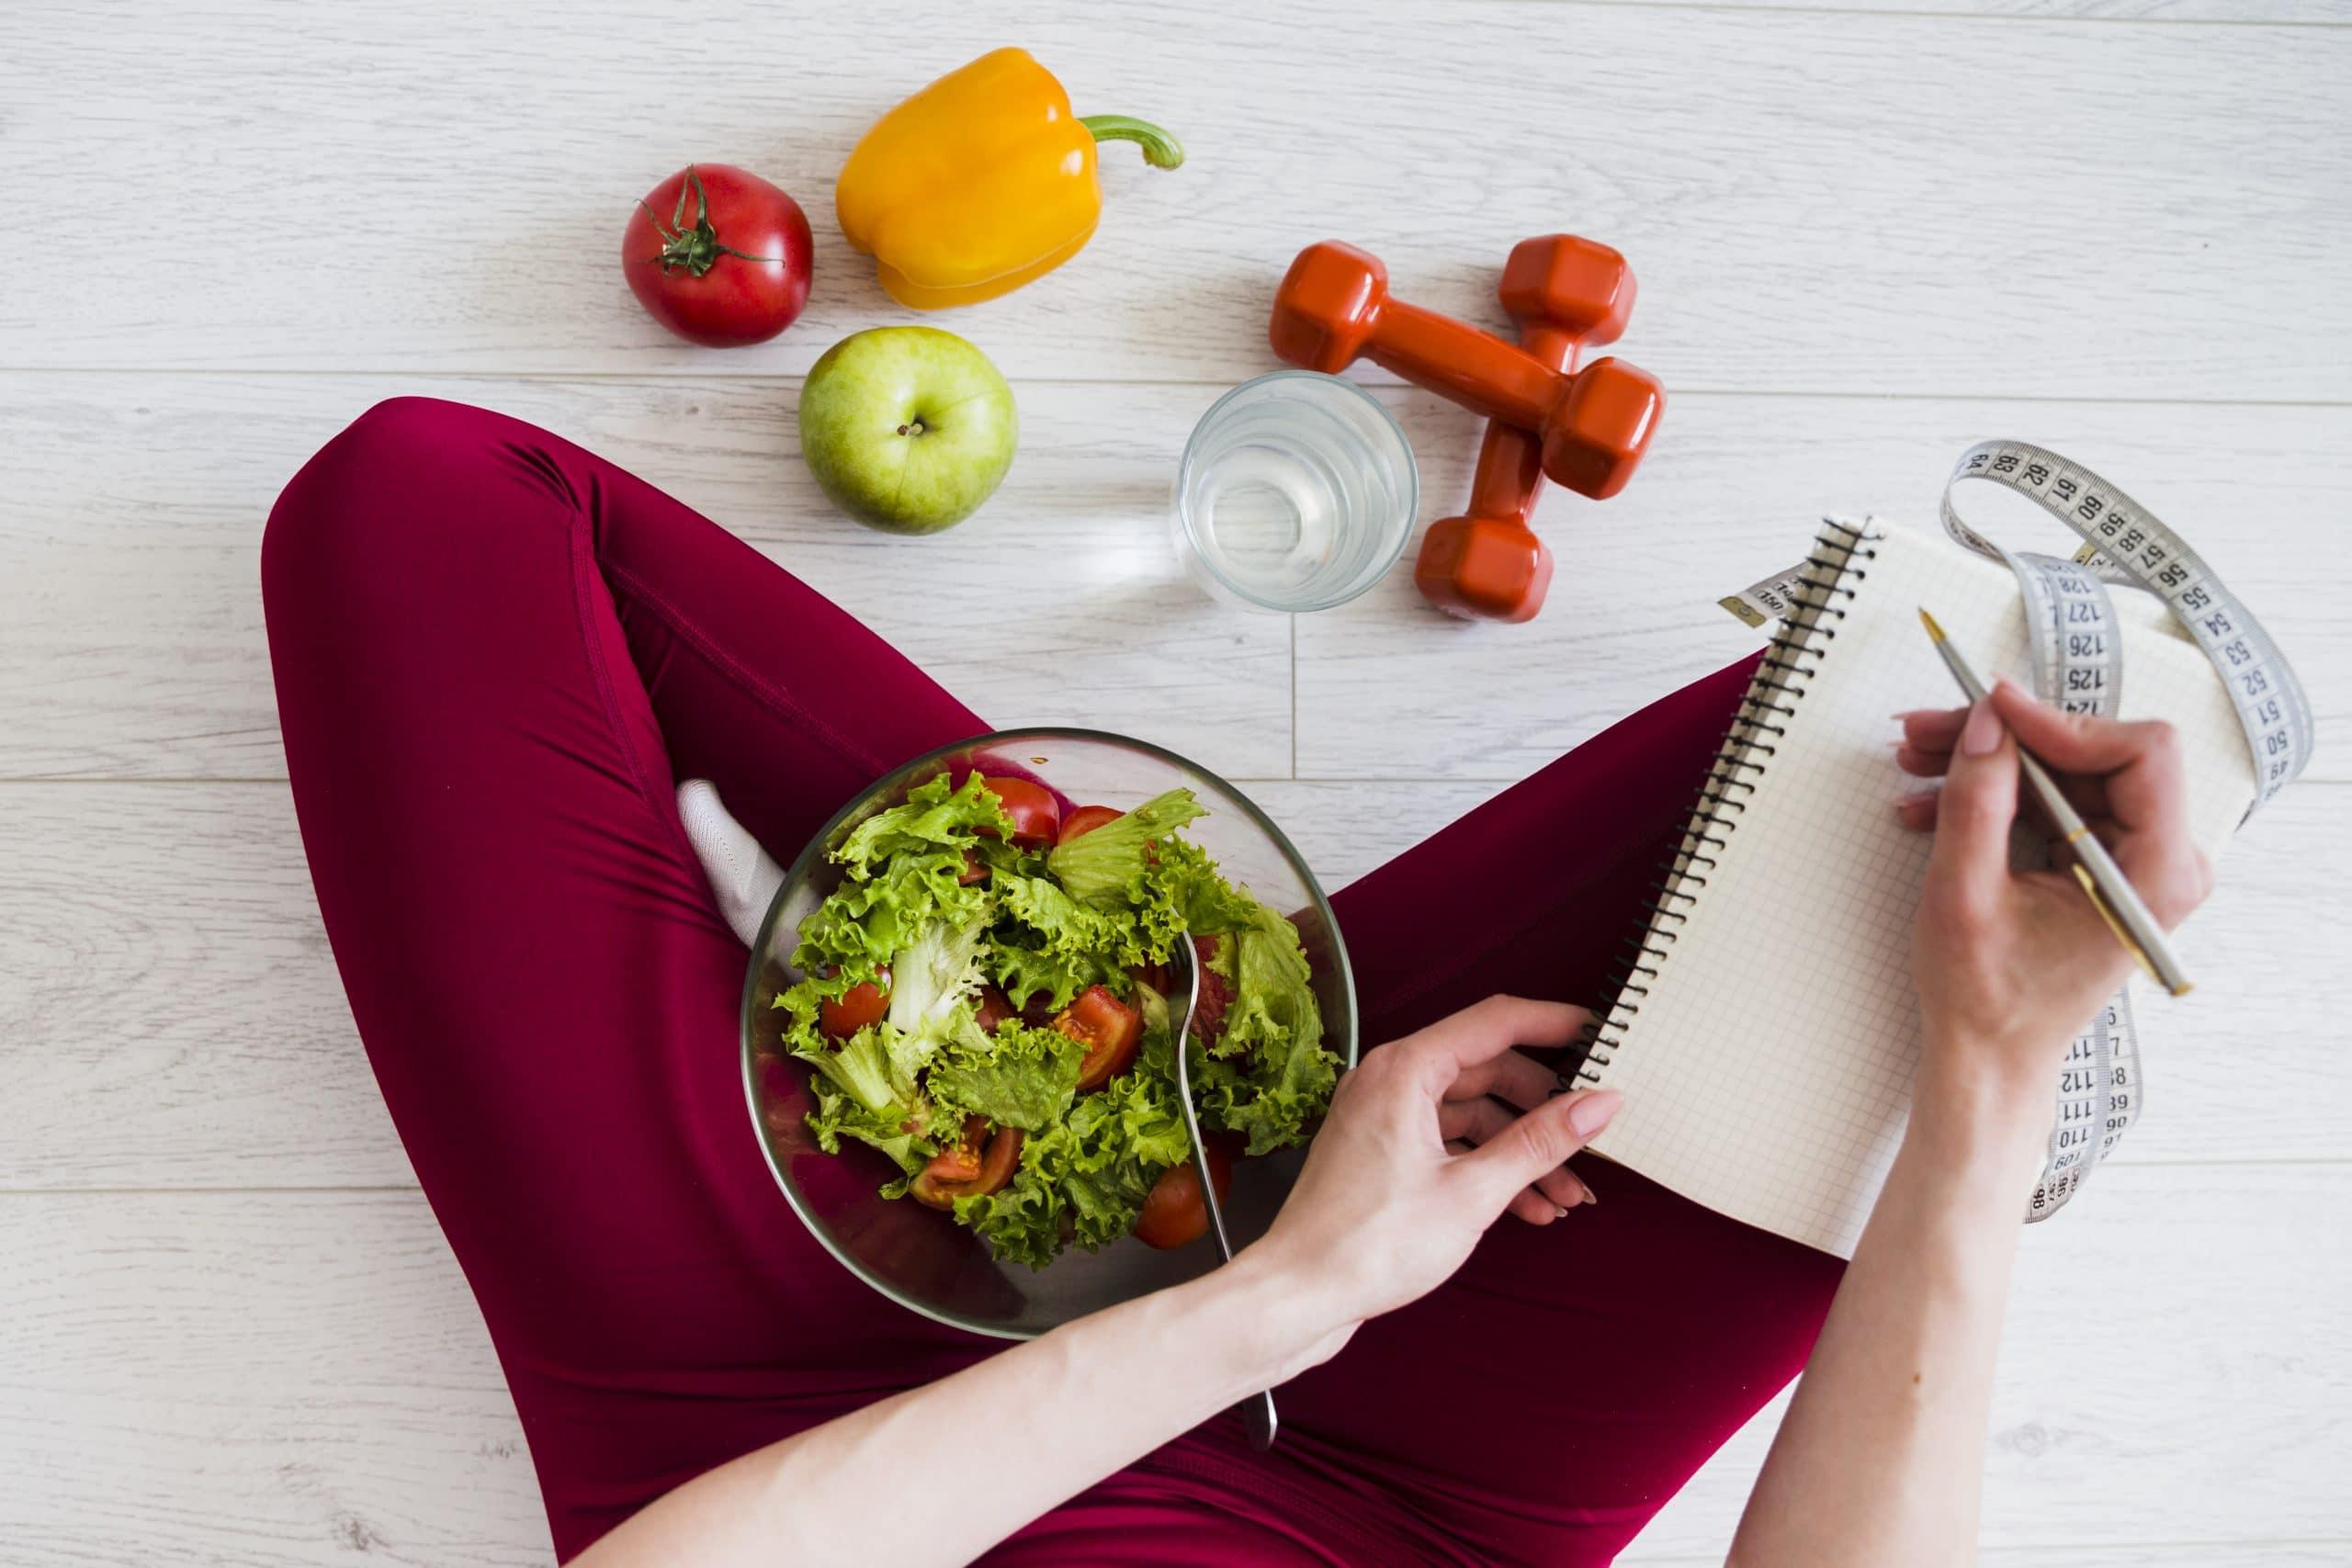 dietetyka, jak dobrze się odżywiać, strefa ruchu klub fitness, Pabianice